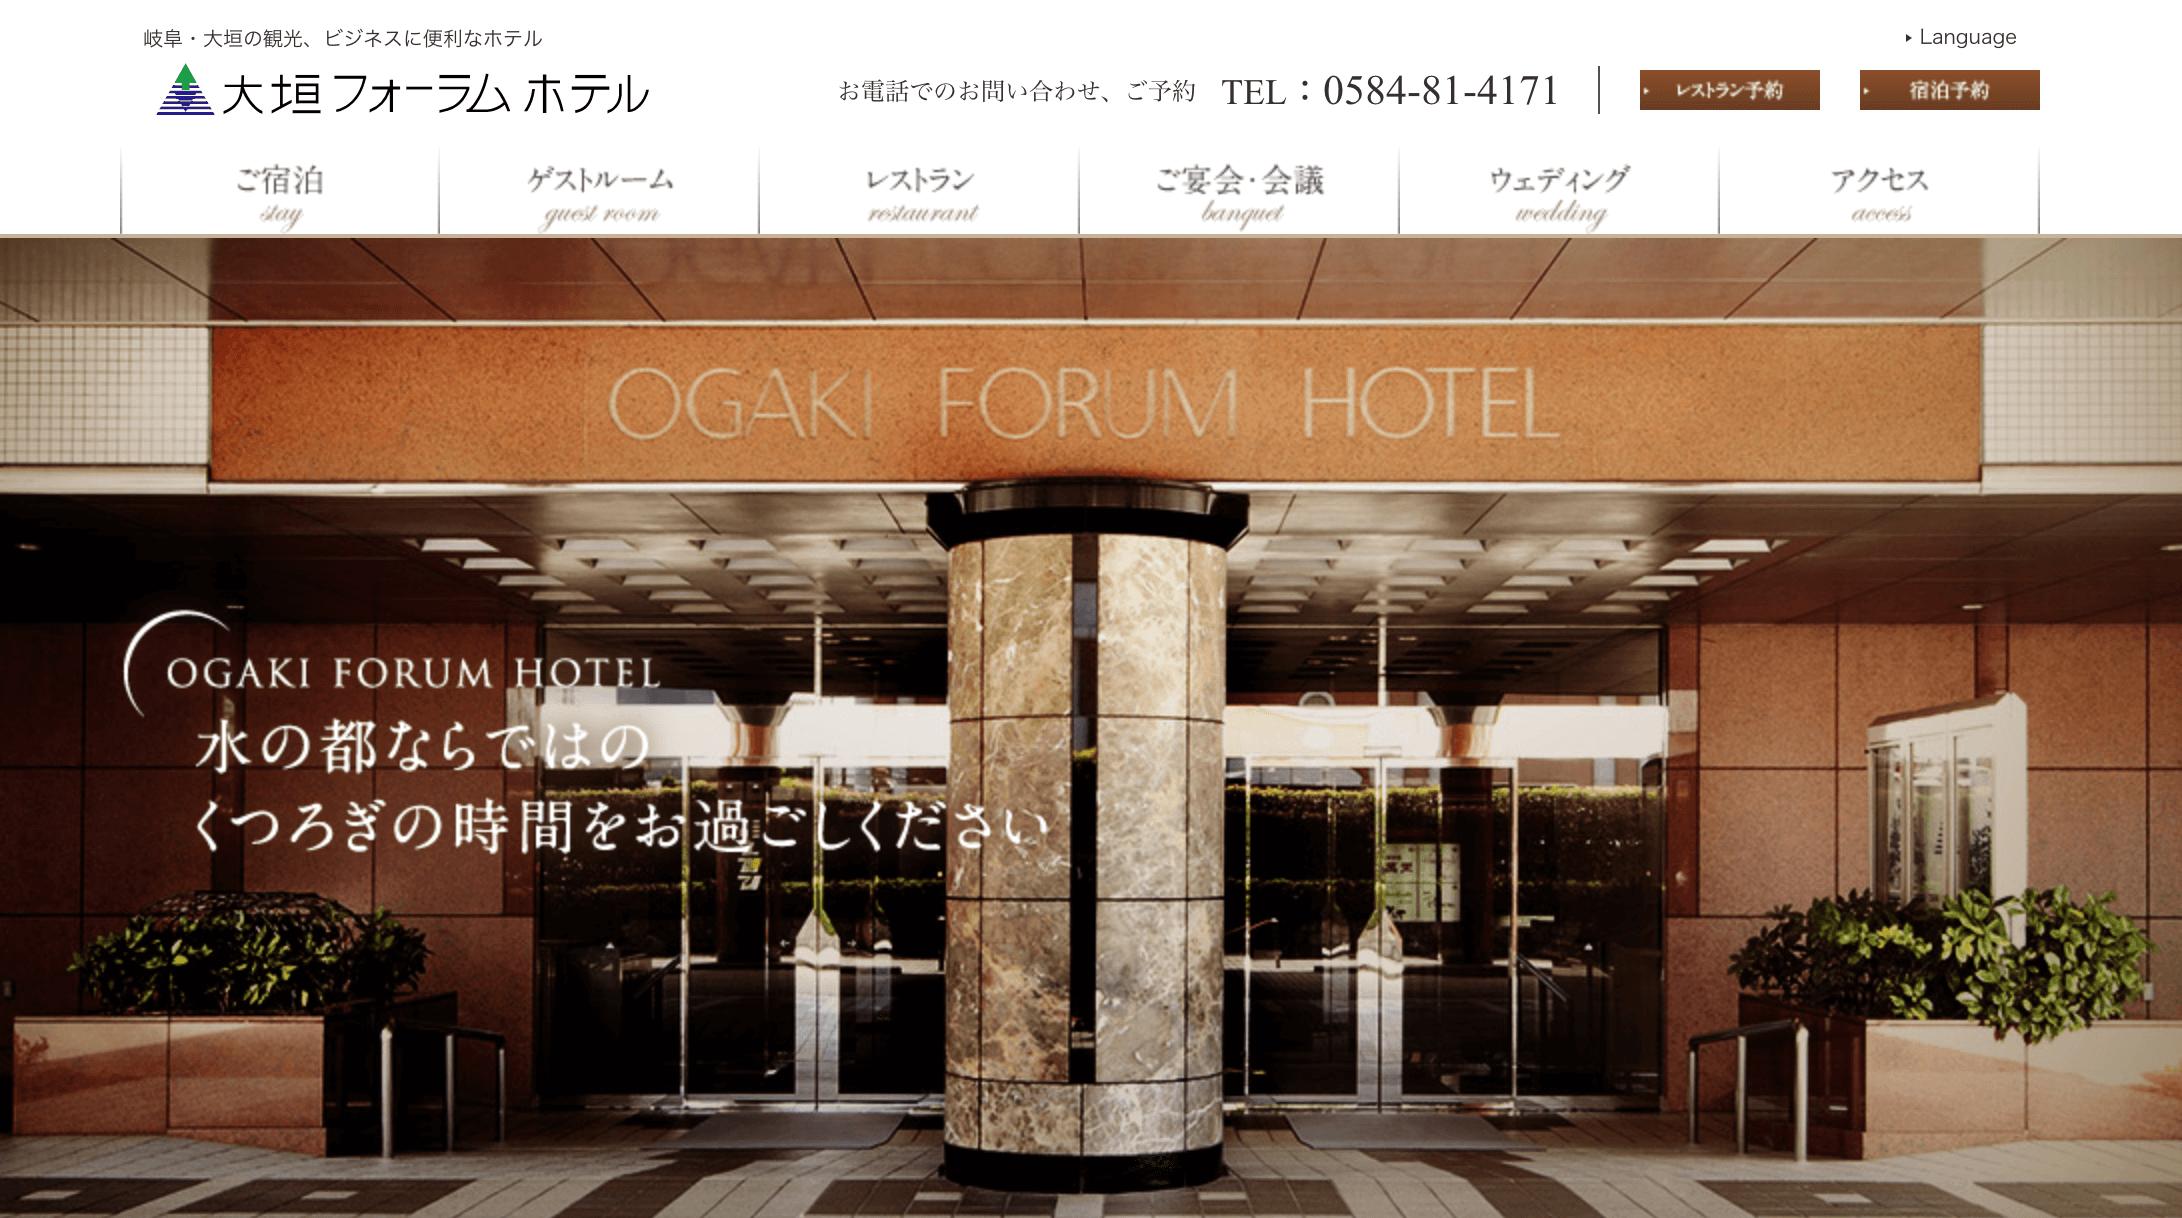 岐阜でパパ活におすすめなホテル「大垣フォーラムホテル」